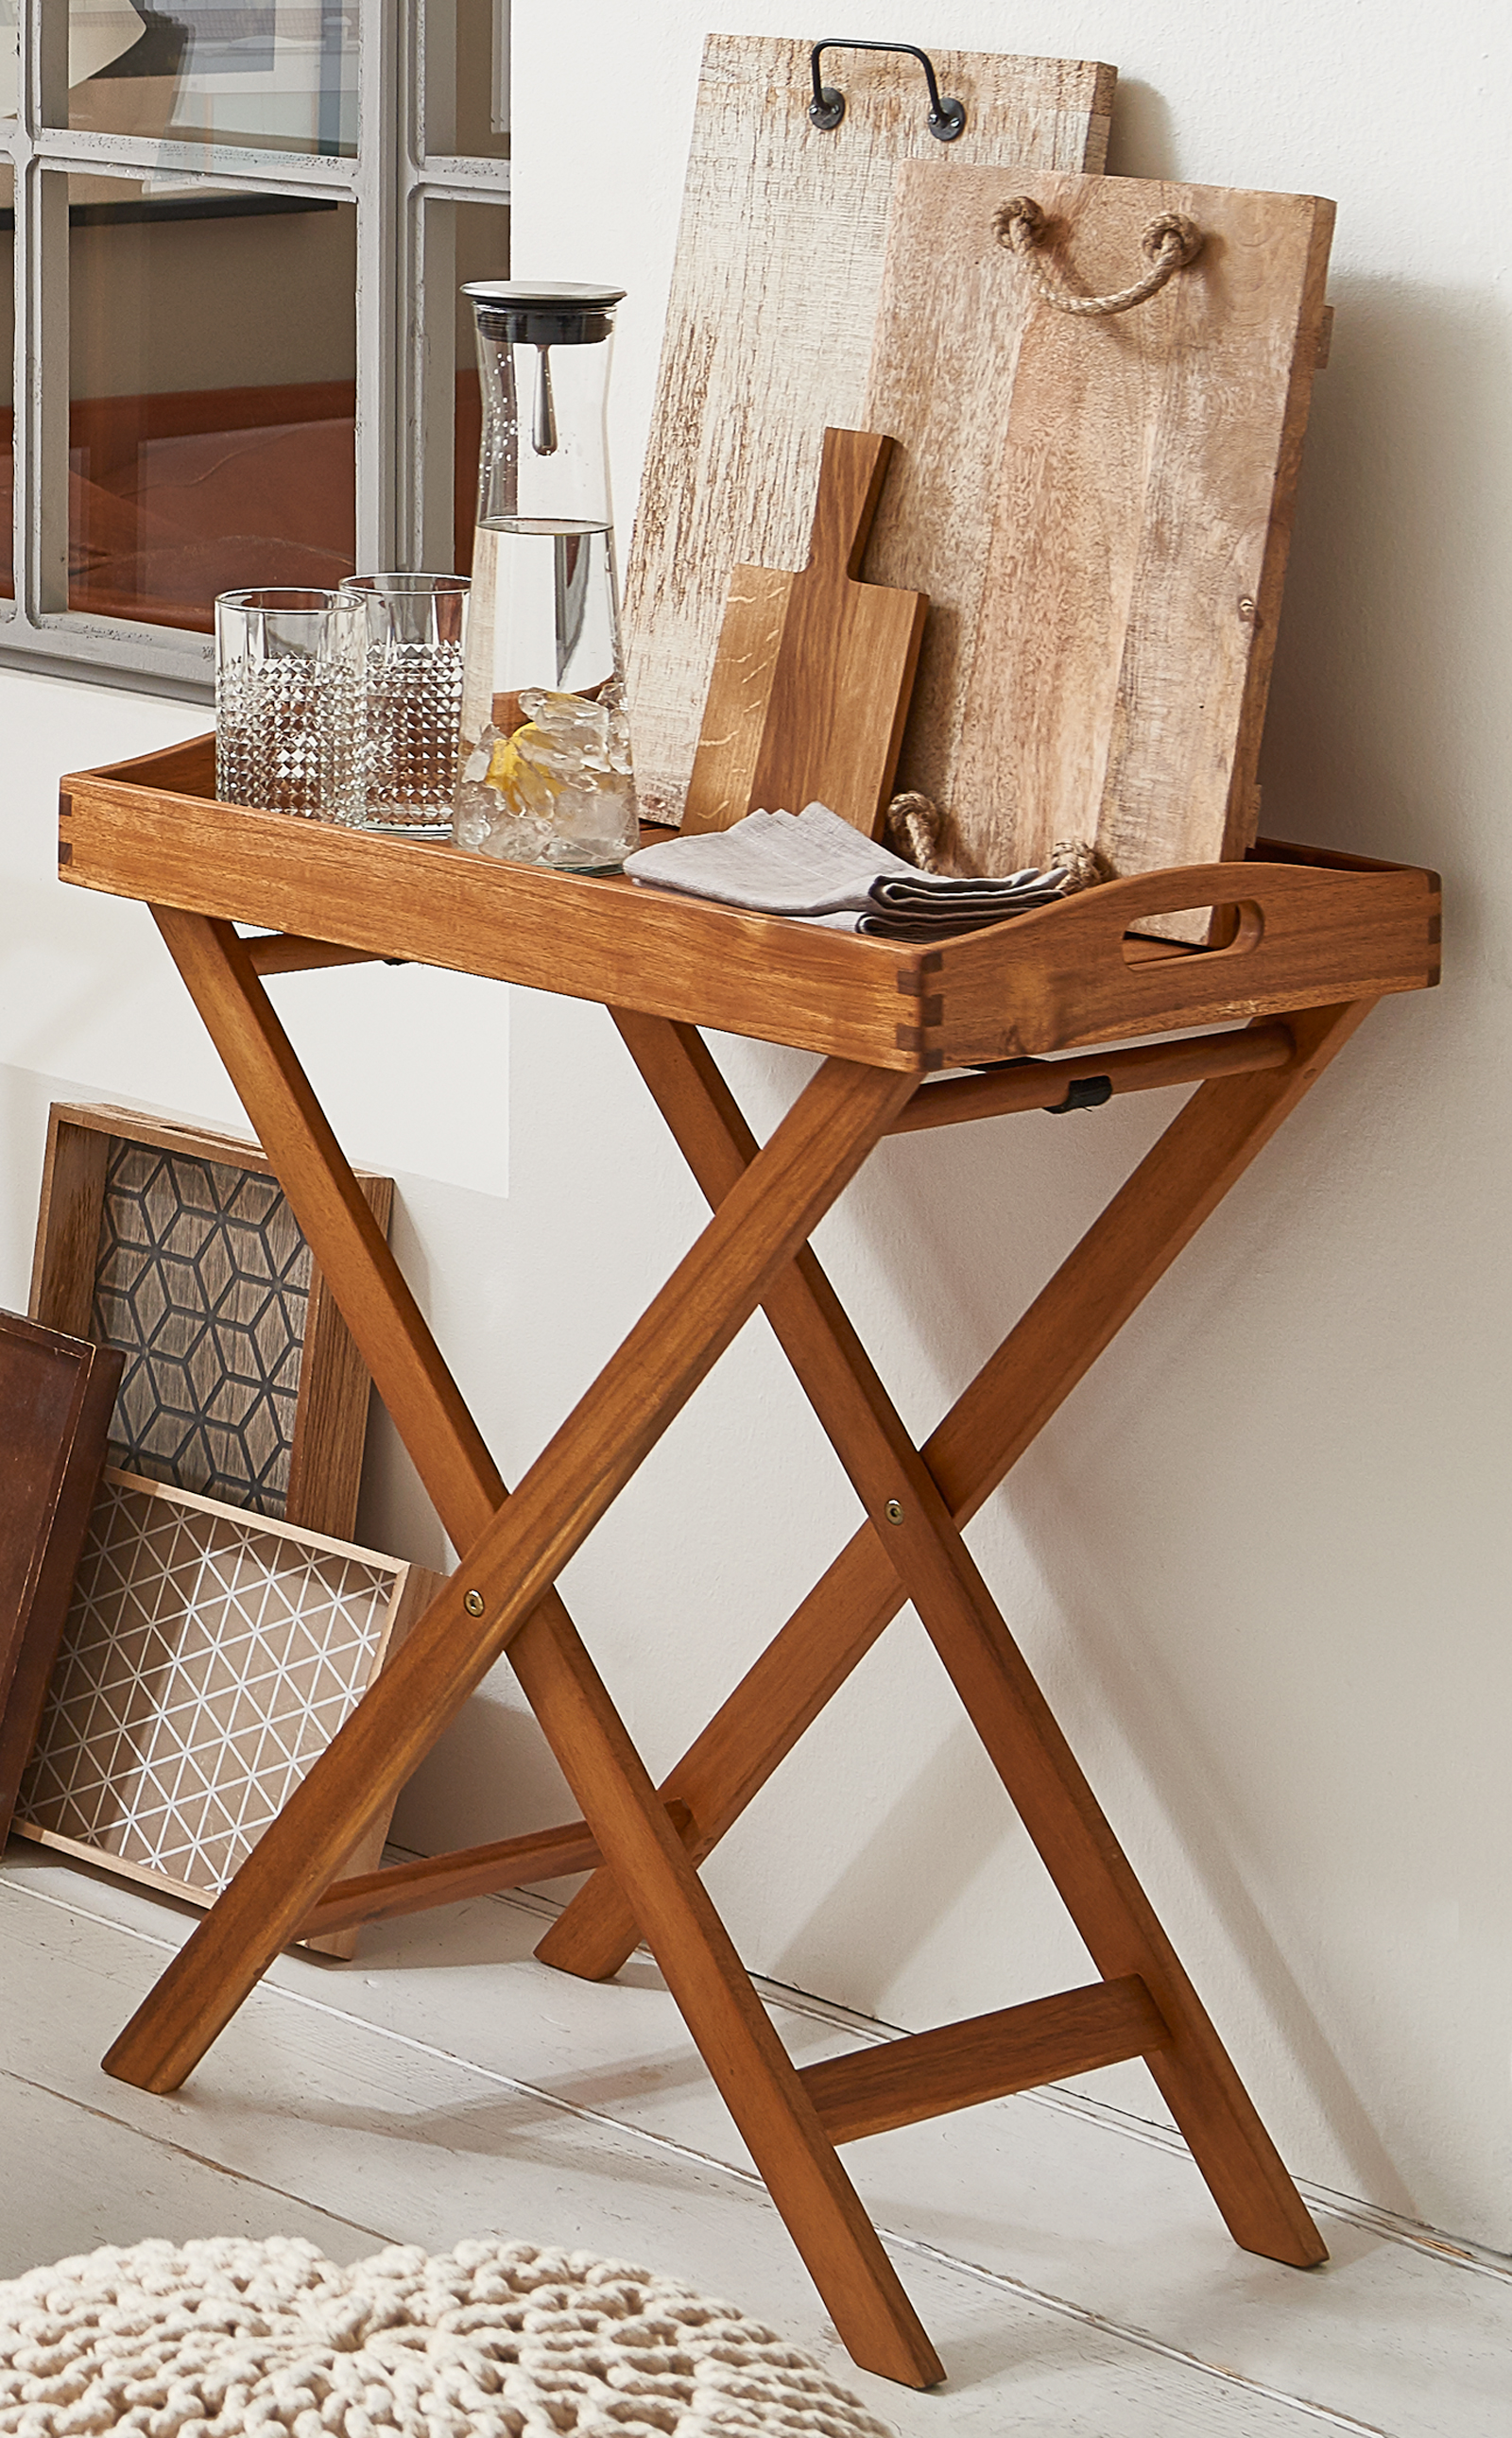 sale beistelltisch terrasse garten aus akazie fsc luis. Black Bedroom Furniture Sets. Home Design Ideas